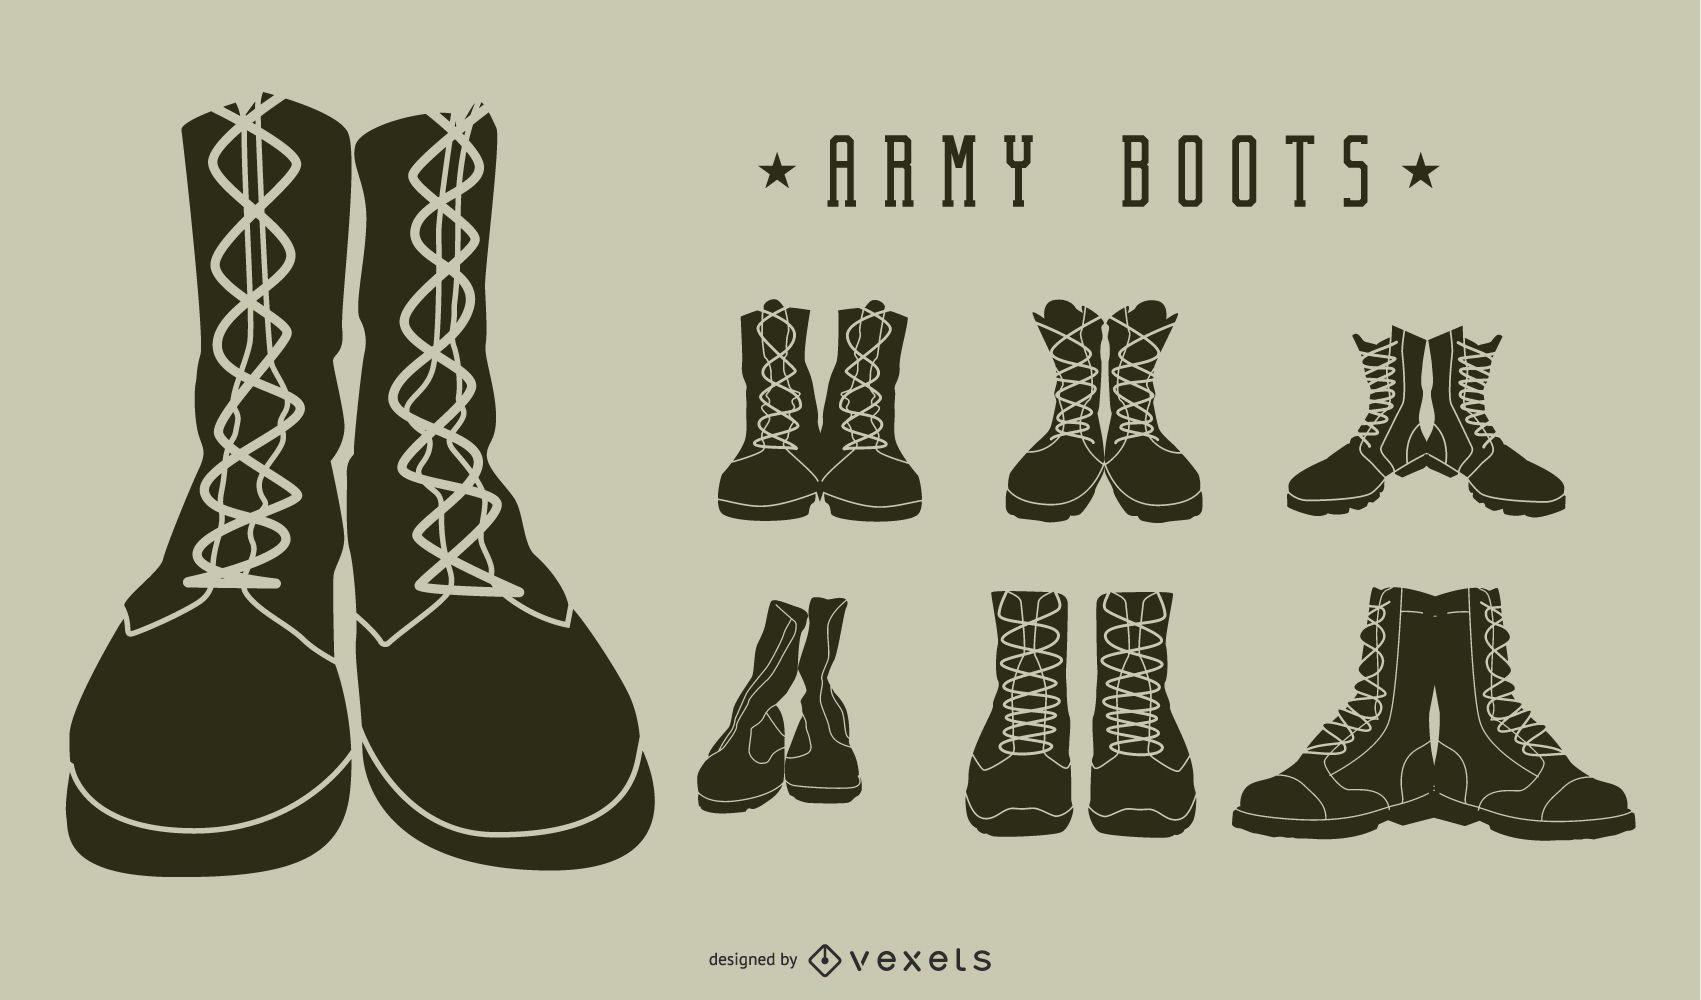 Paquete de silueta de botas militares